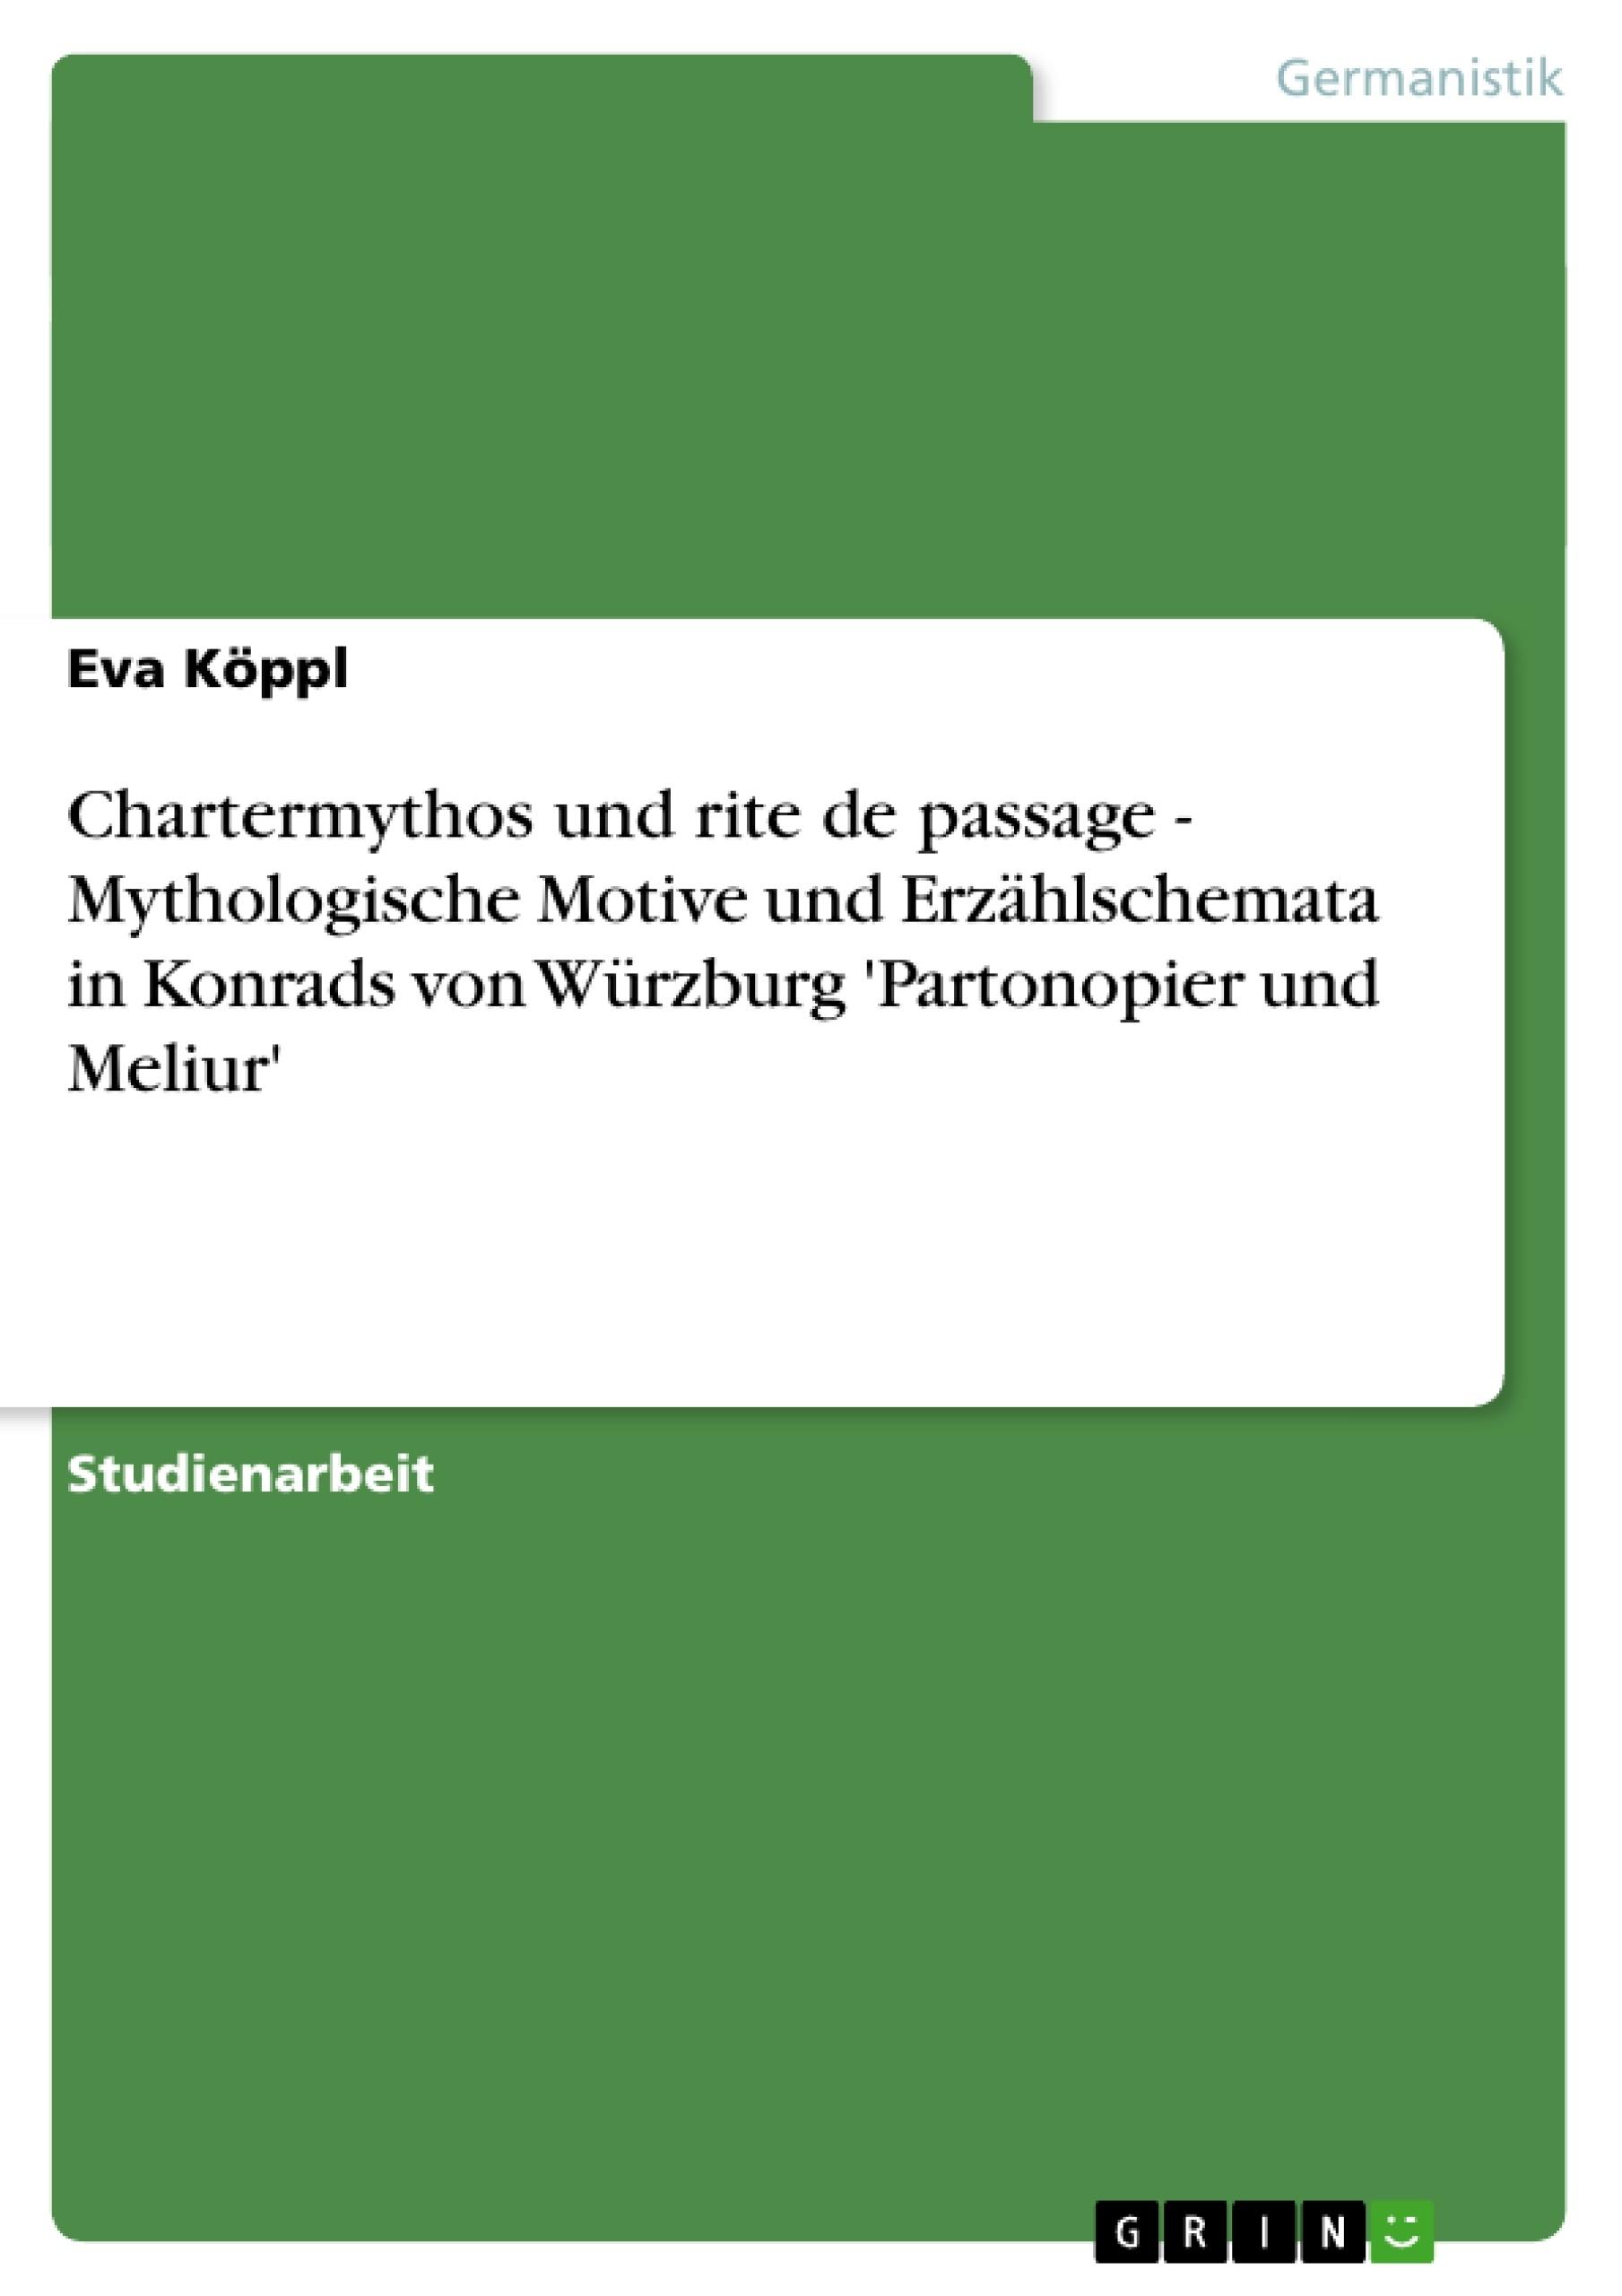 Titel: Chartermythos und rite de passage - Mythologische Motive und Erzählschemata in Konrads von Würzburg 'Partonopier und Meliur'